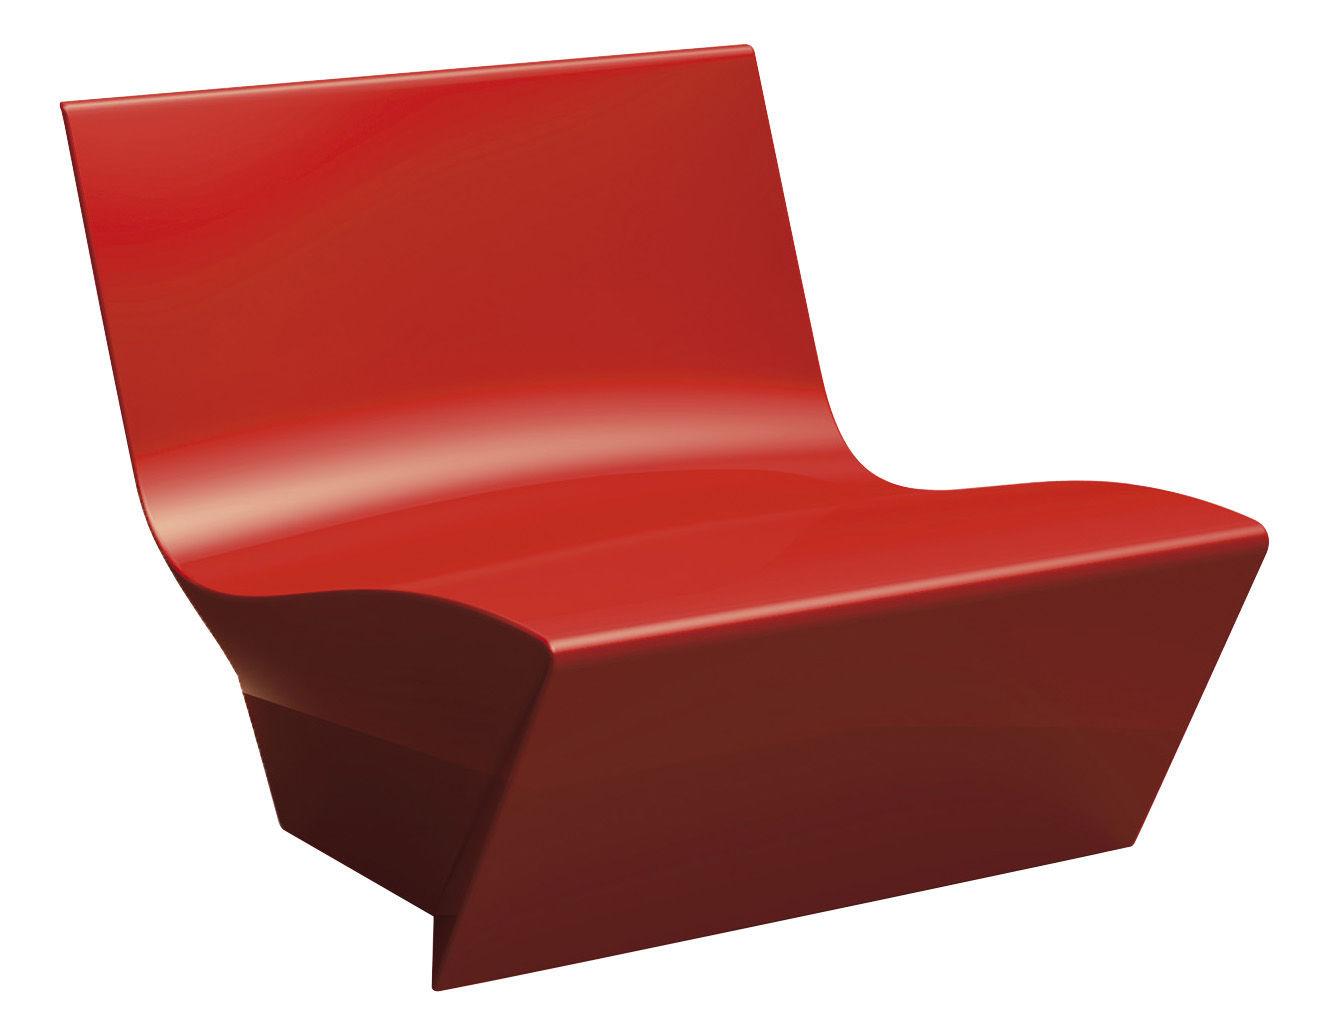 Mobilier - Fauteuils - Fauteuil bas Kami Ichi / Version laquée - Slide - Laqué rouge -